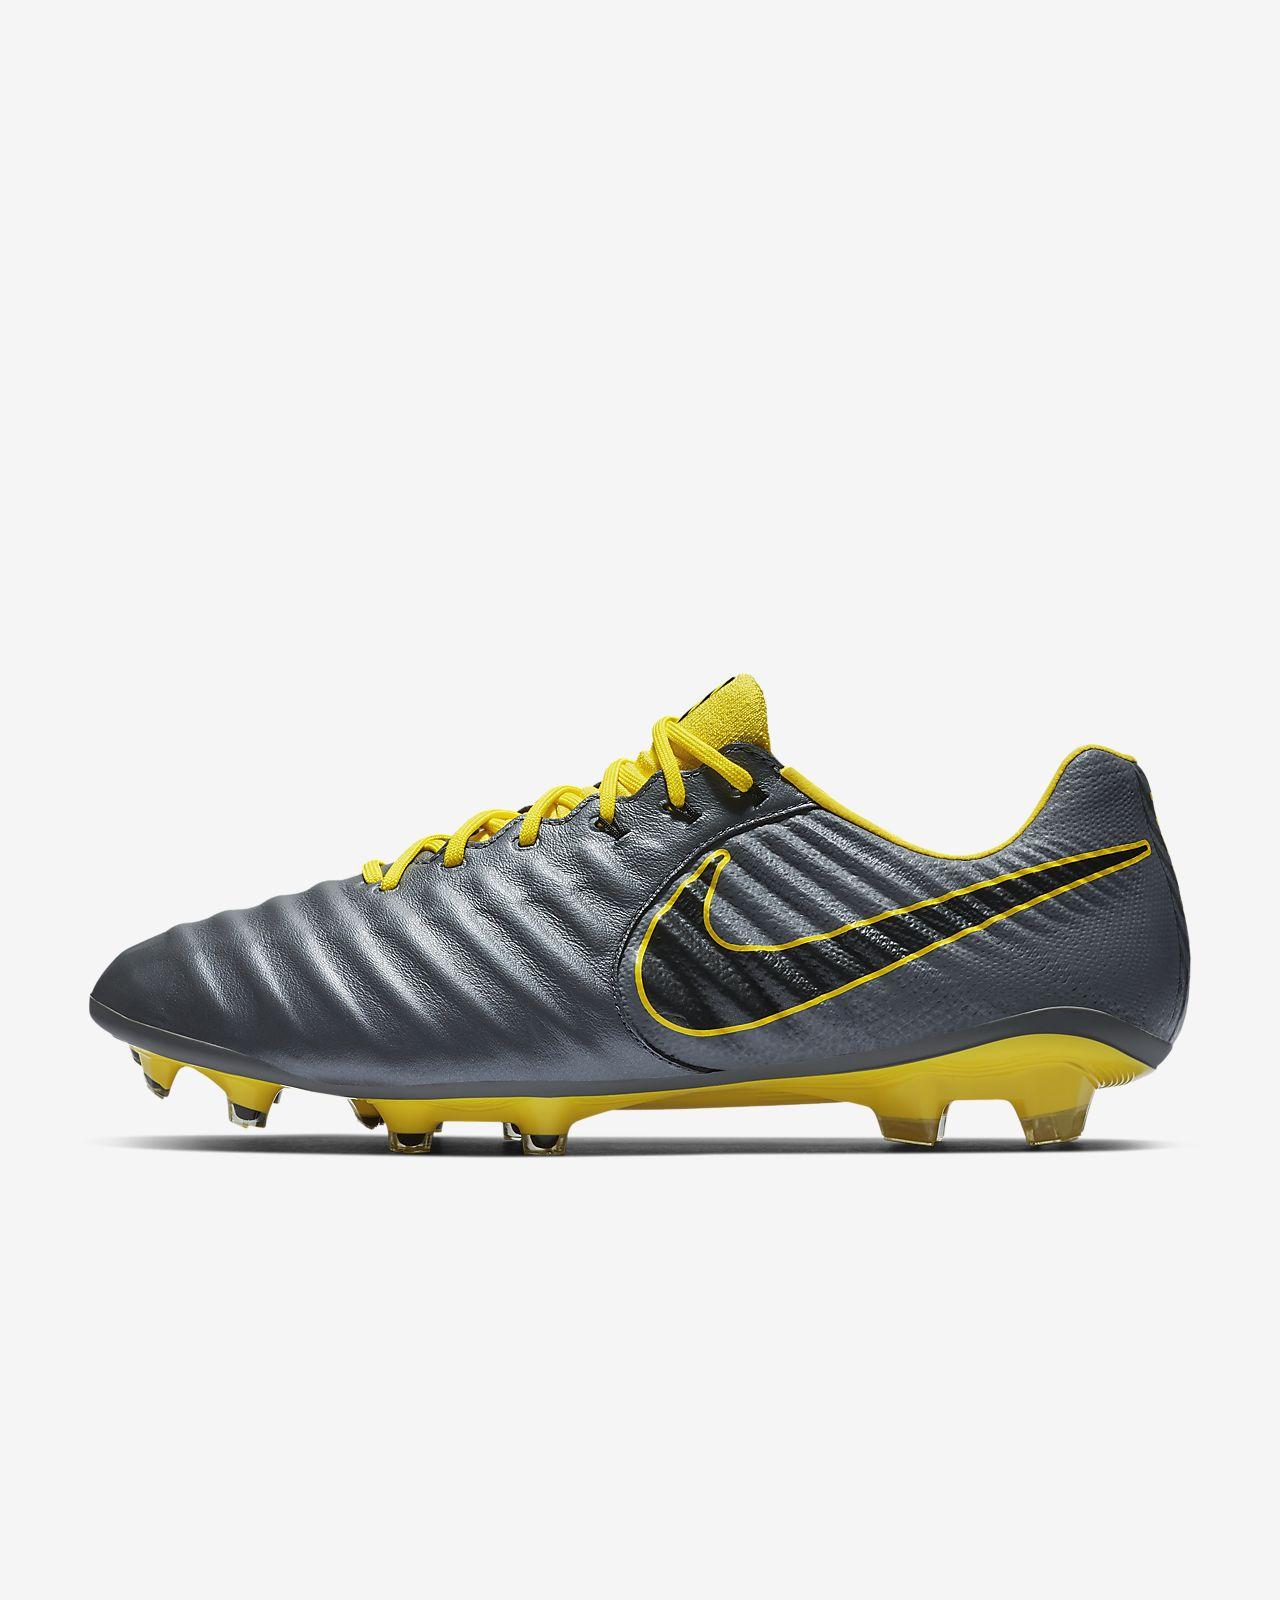 Fotbollssko för gräs Nike Legend 7 Elite FG Game Over. Nike.com SE 1e705cc62cec7